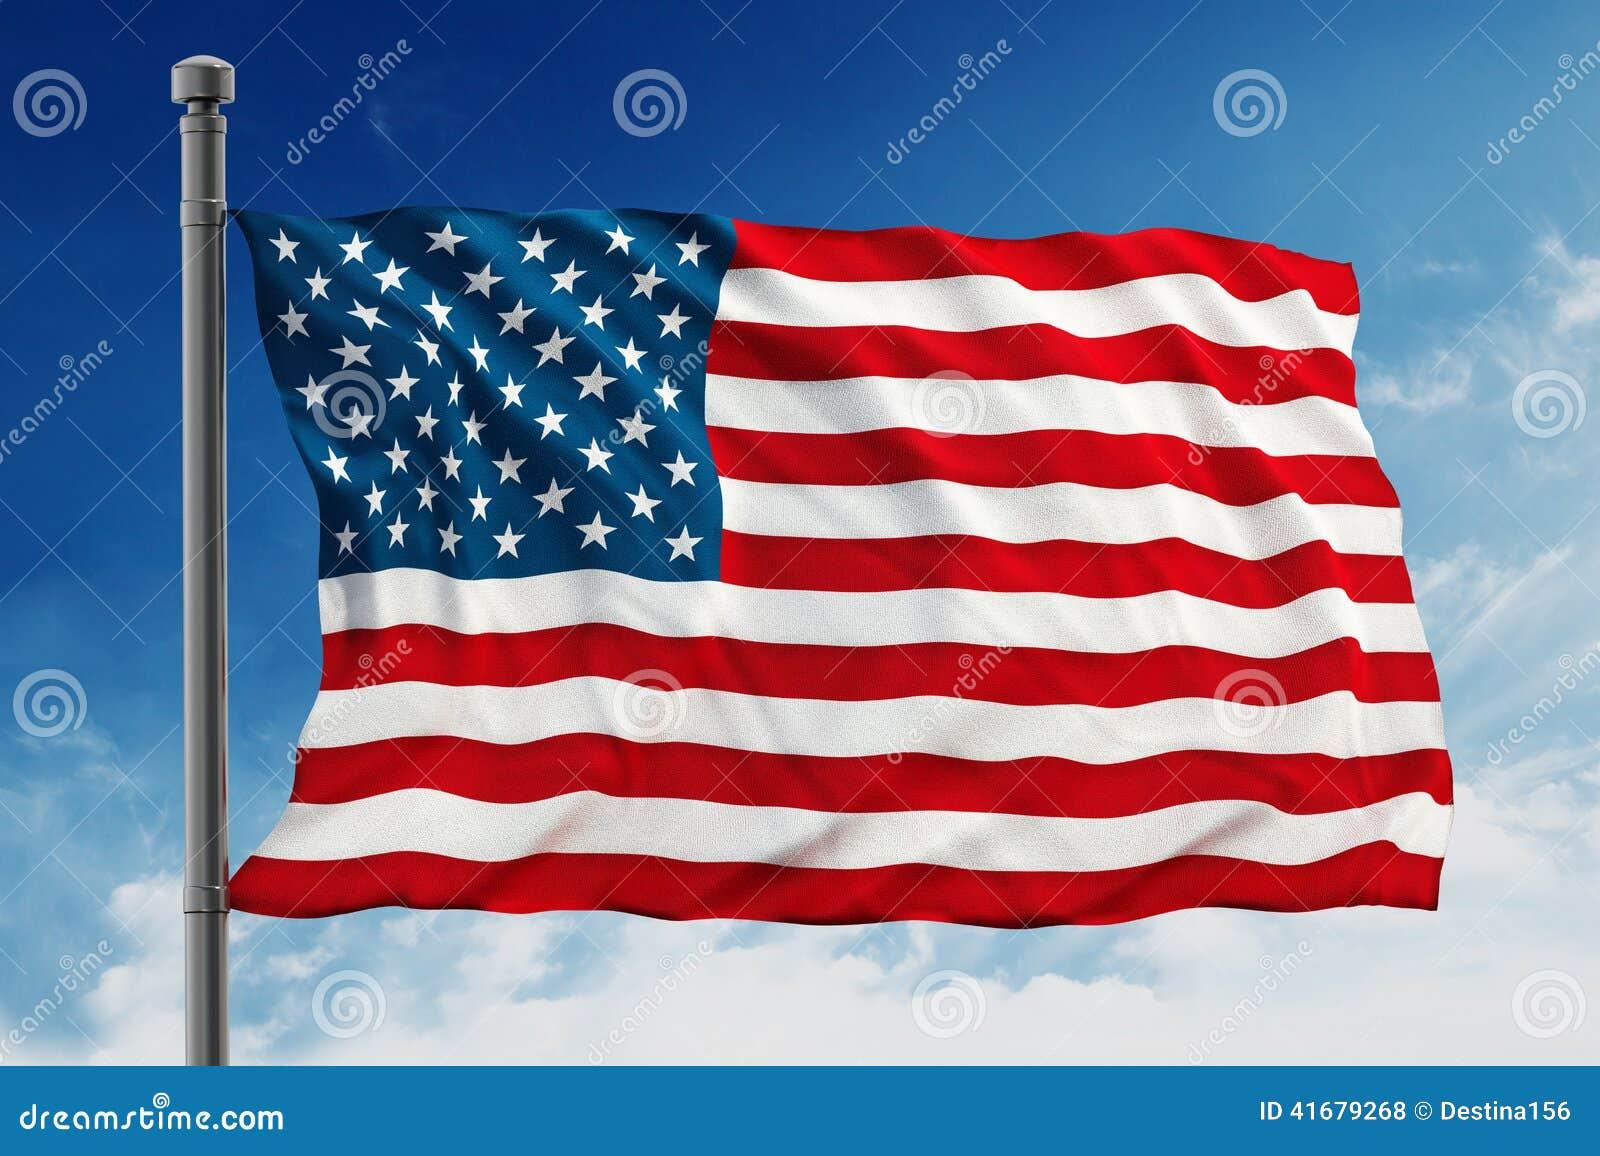 Bandiera Degli Stati Uniti D'America (U.S.A.) Illustrazione di Stock ...